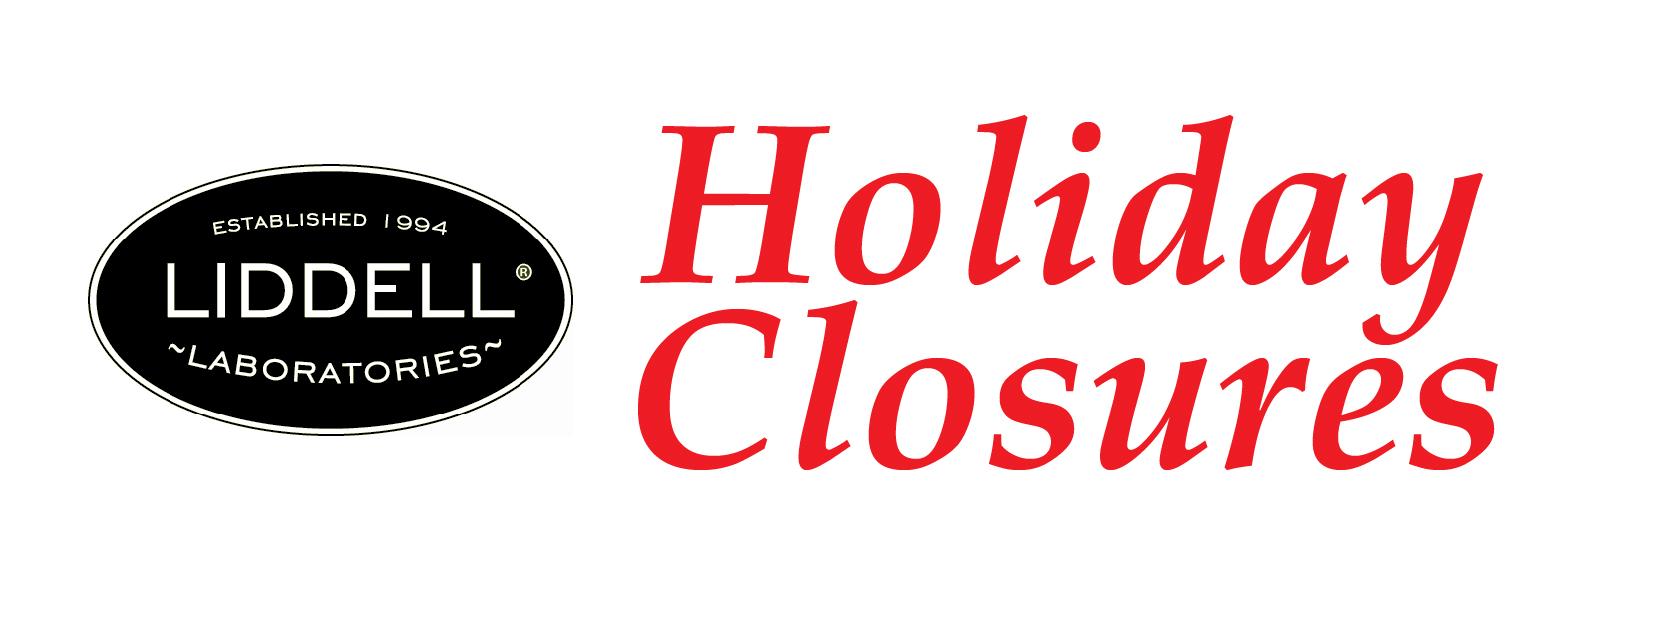 Holiday Closures LD